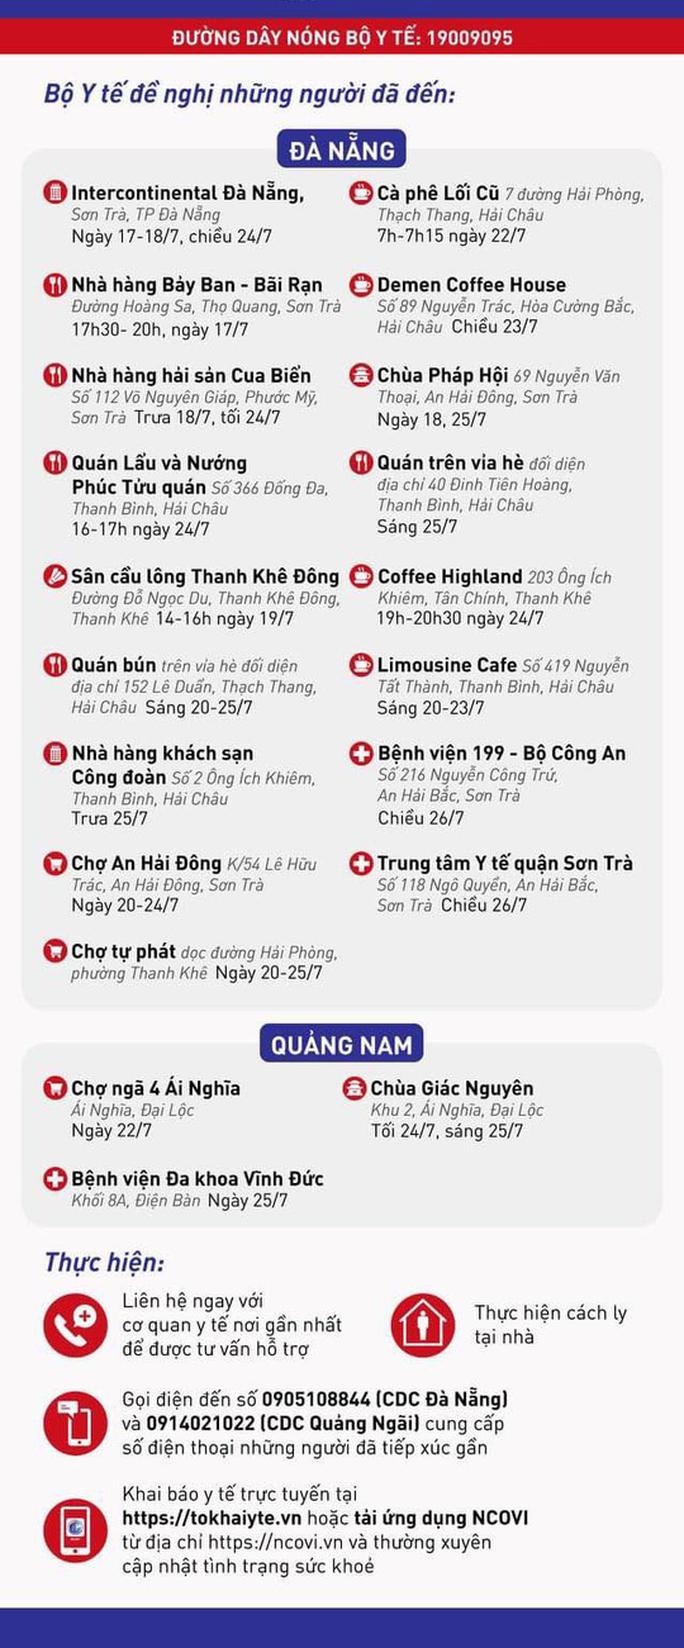 Bộ Y tế thông báo khẩn nhiều địa điểm du lịch ở Đà Nẵng liên quan ca bệnh Covid-19 - Ảnh 1.